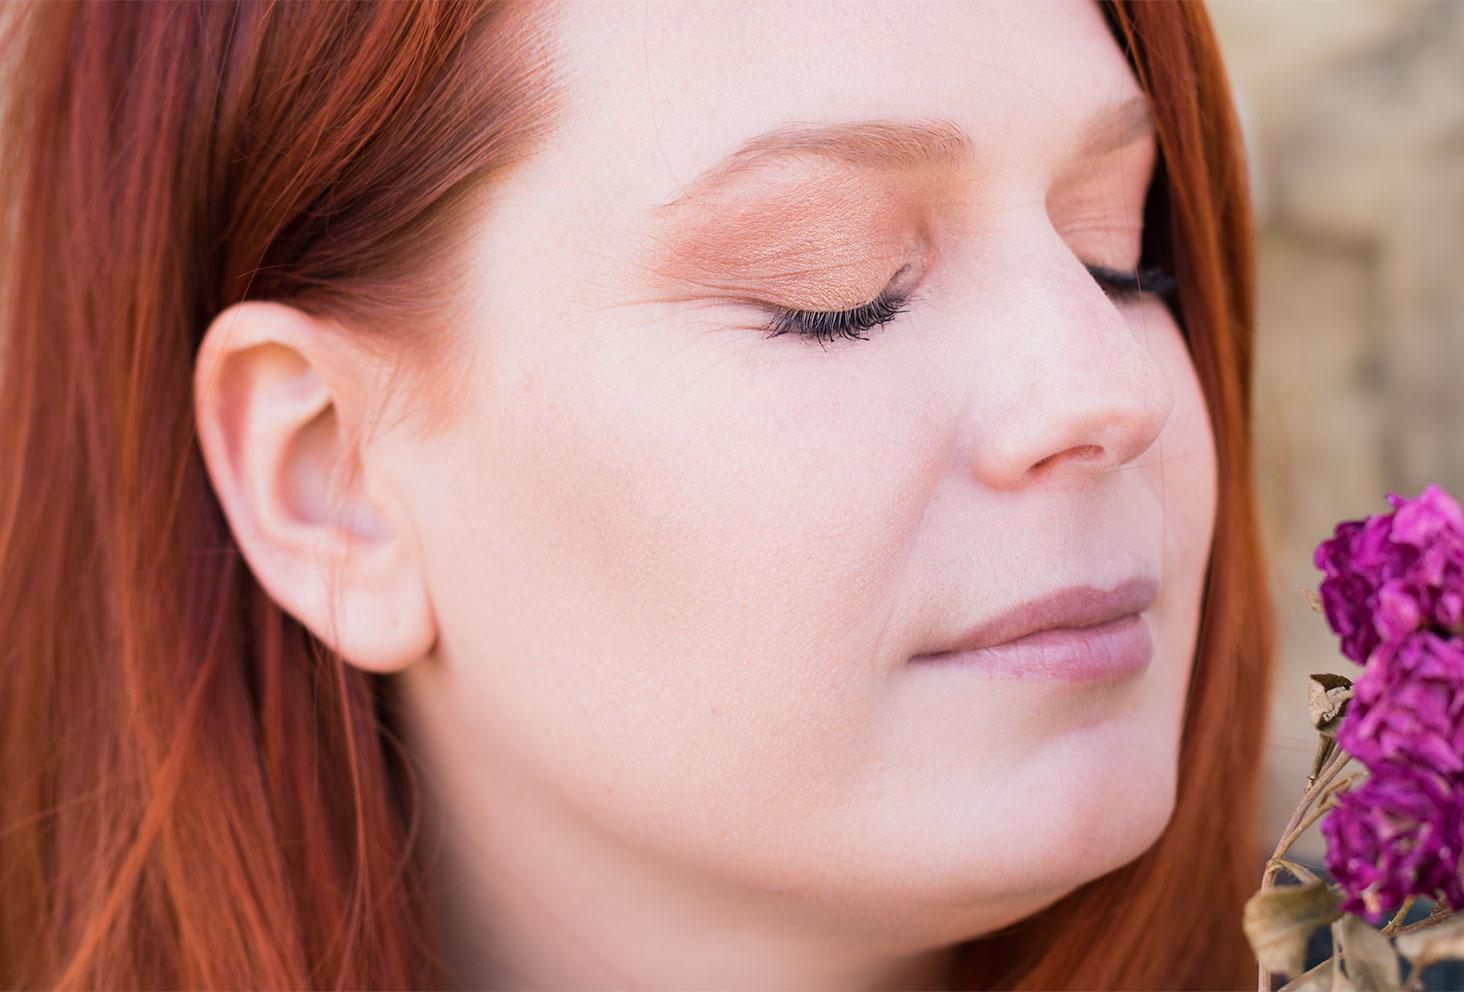 Zoom sur le make-up nude réalisé avec la palette Soft Glam, les yeux fermés et des fleurs sèches violettes près du visage